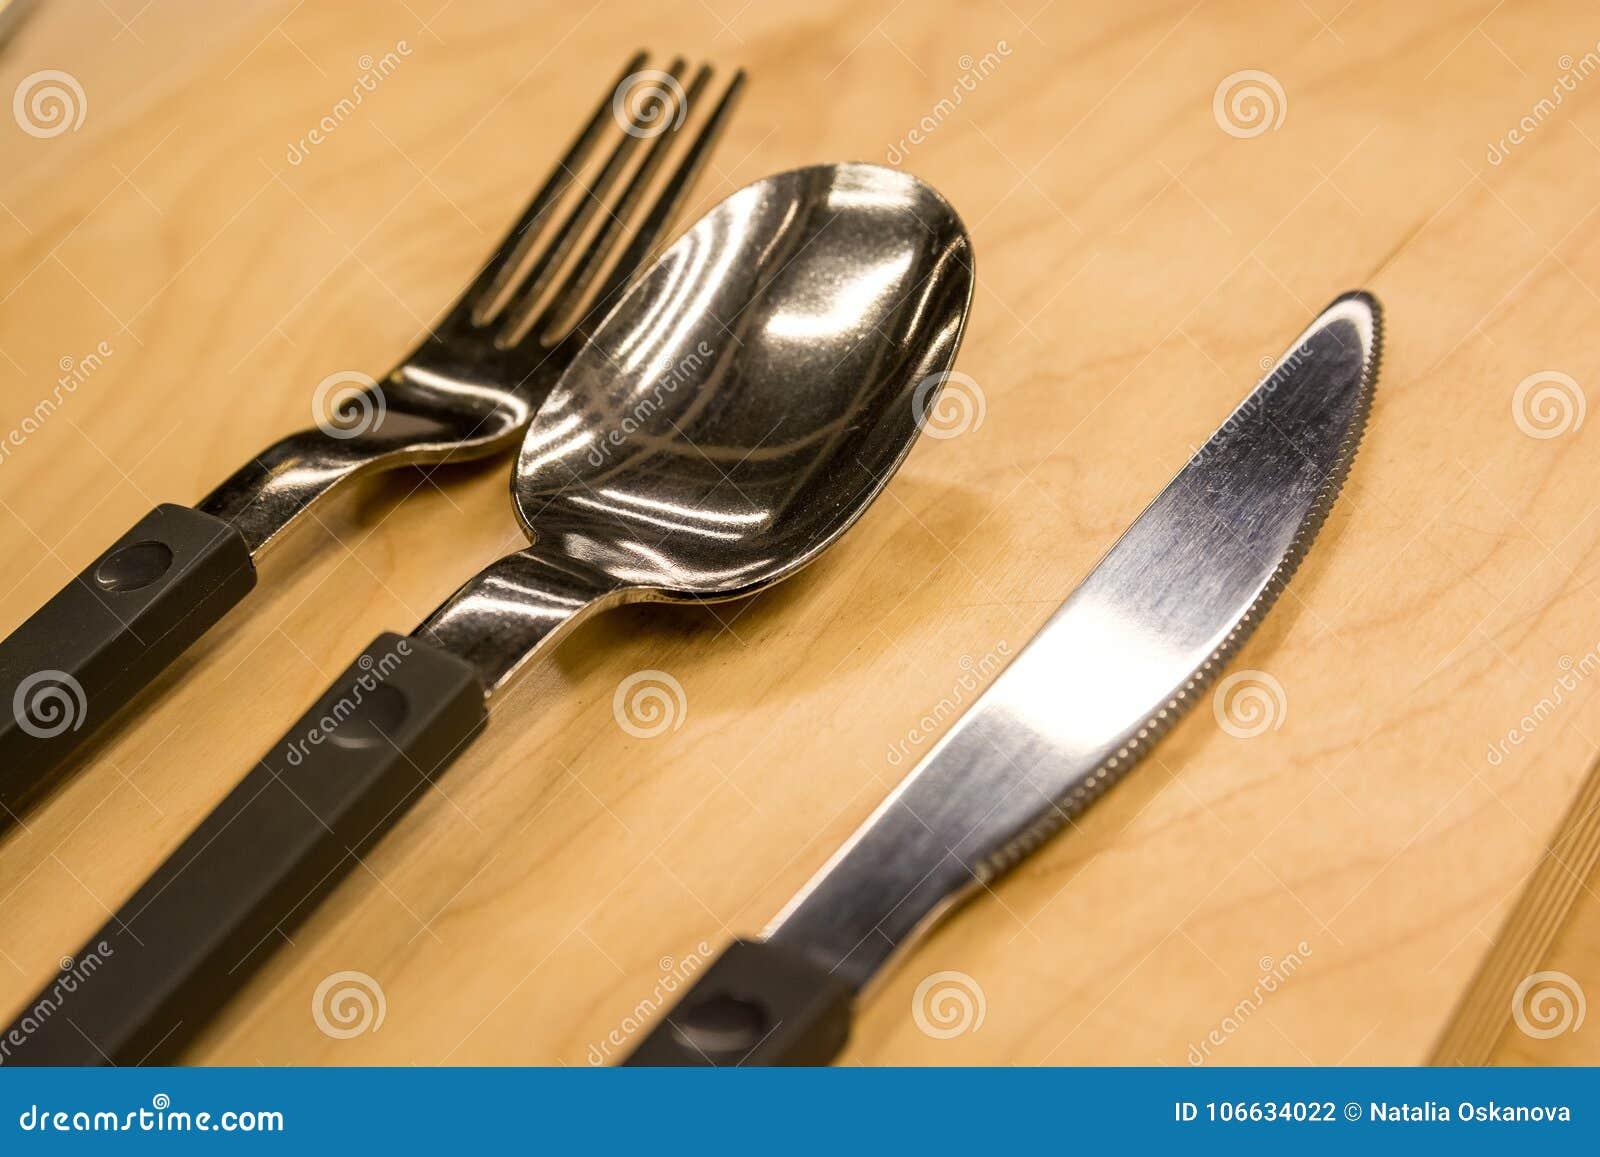 刀叉餐具叉子刀子集合匙子